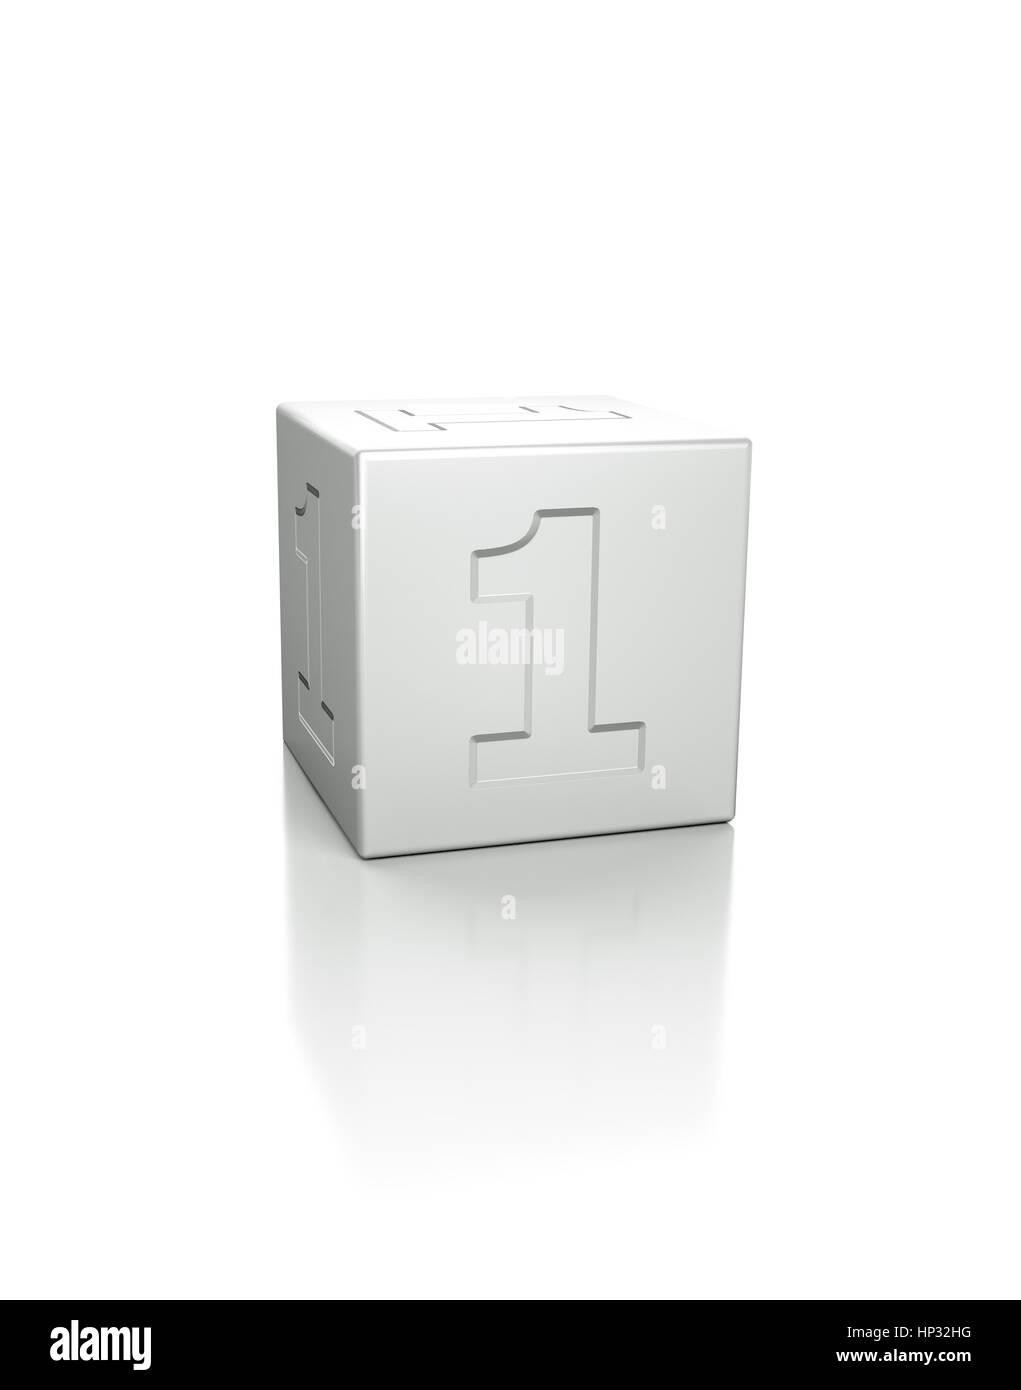 Cubo con el número 1 en relieve. Imagen De Stock